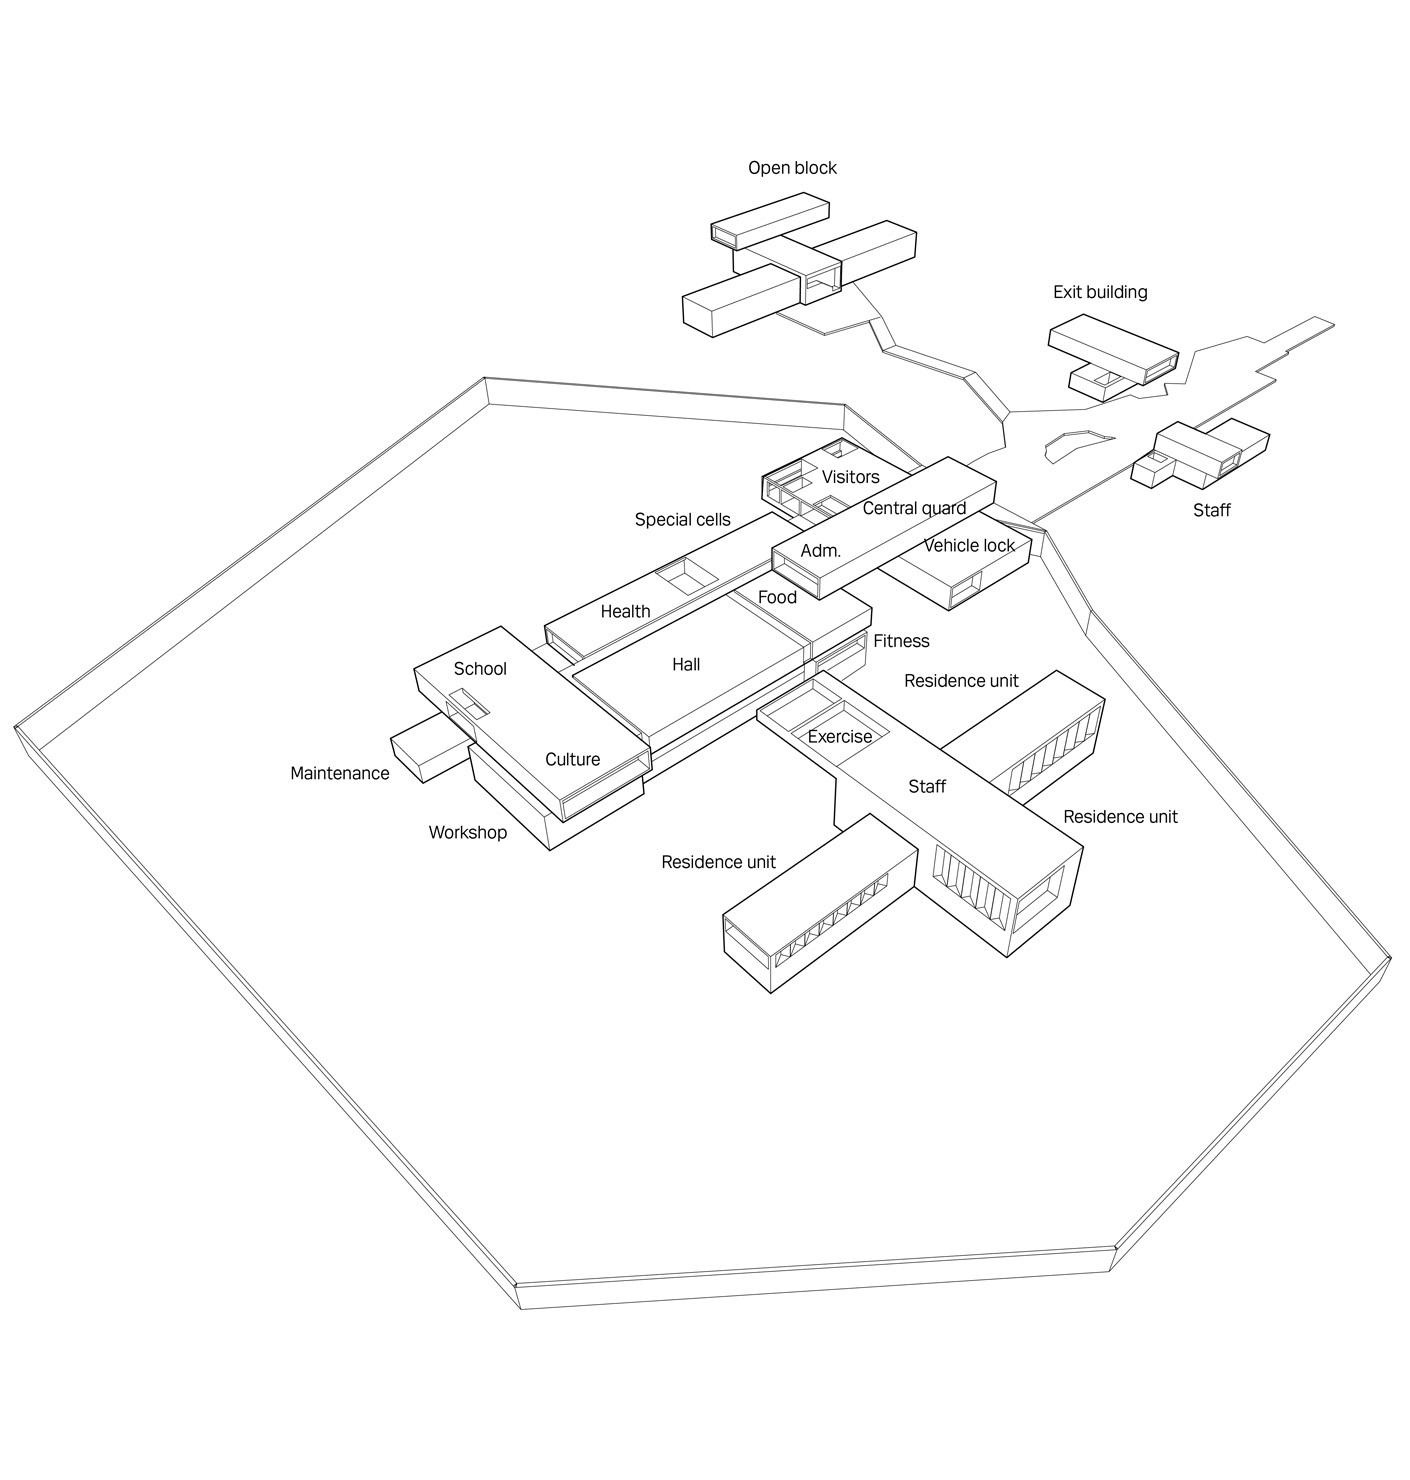 Schmidt Hammer Lassen Design Greenland S First Prison